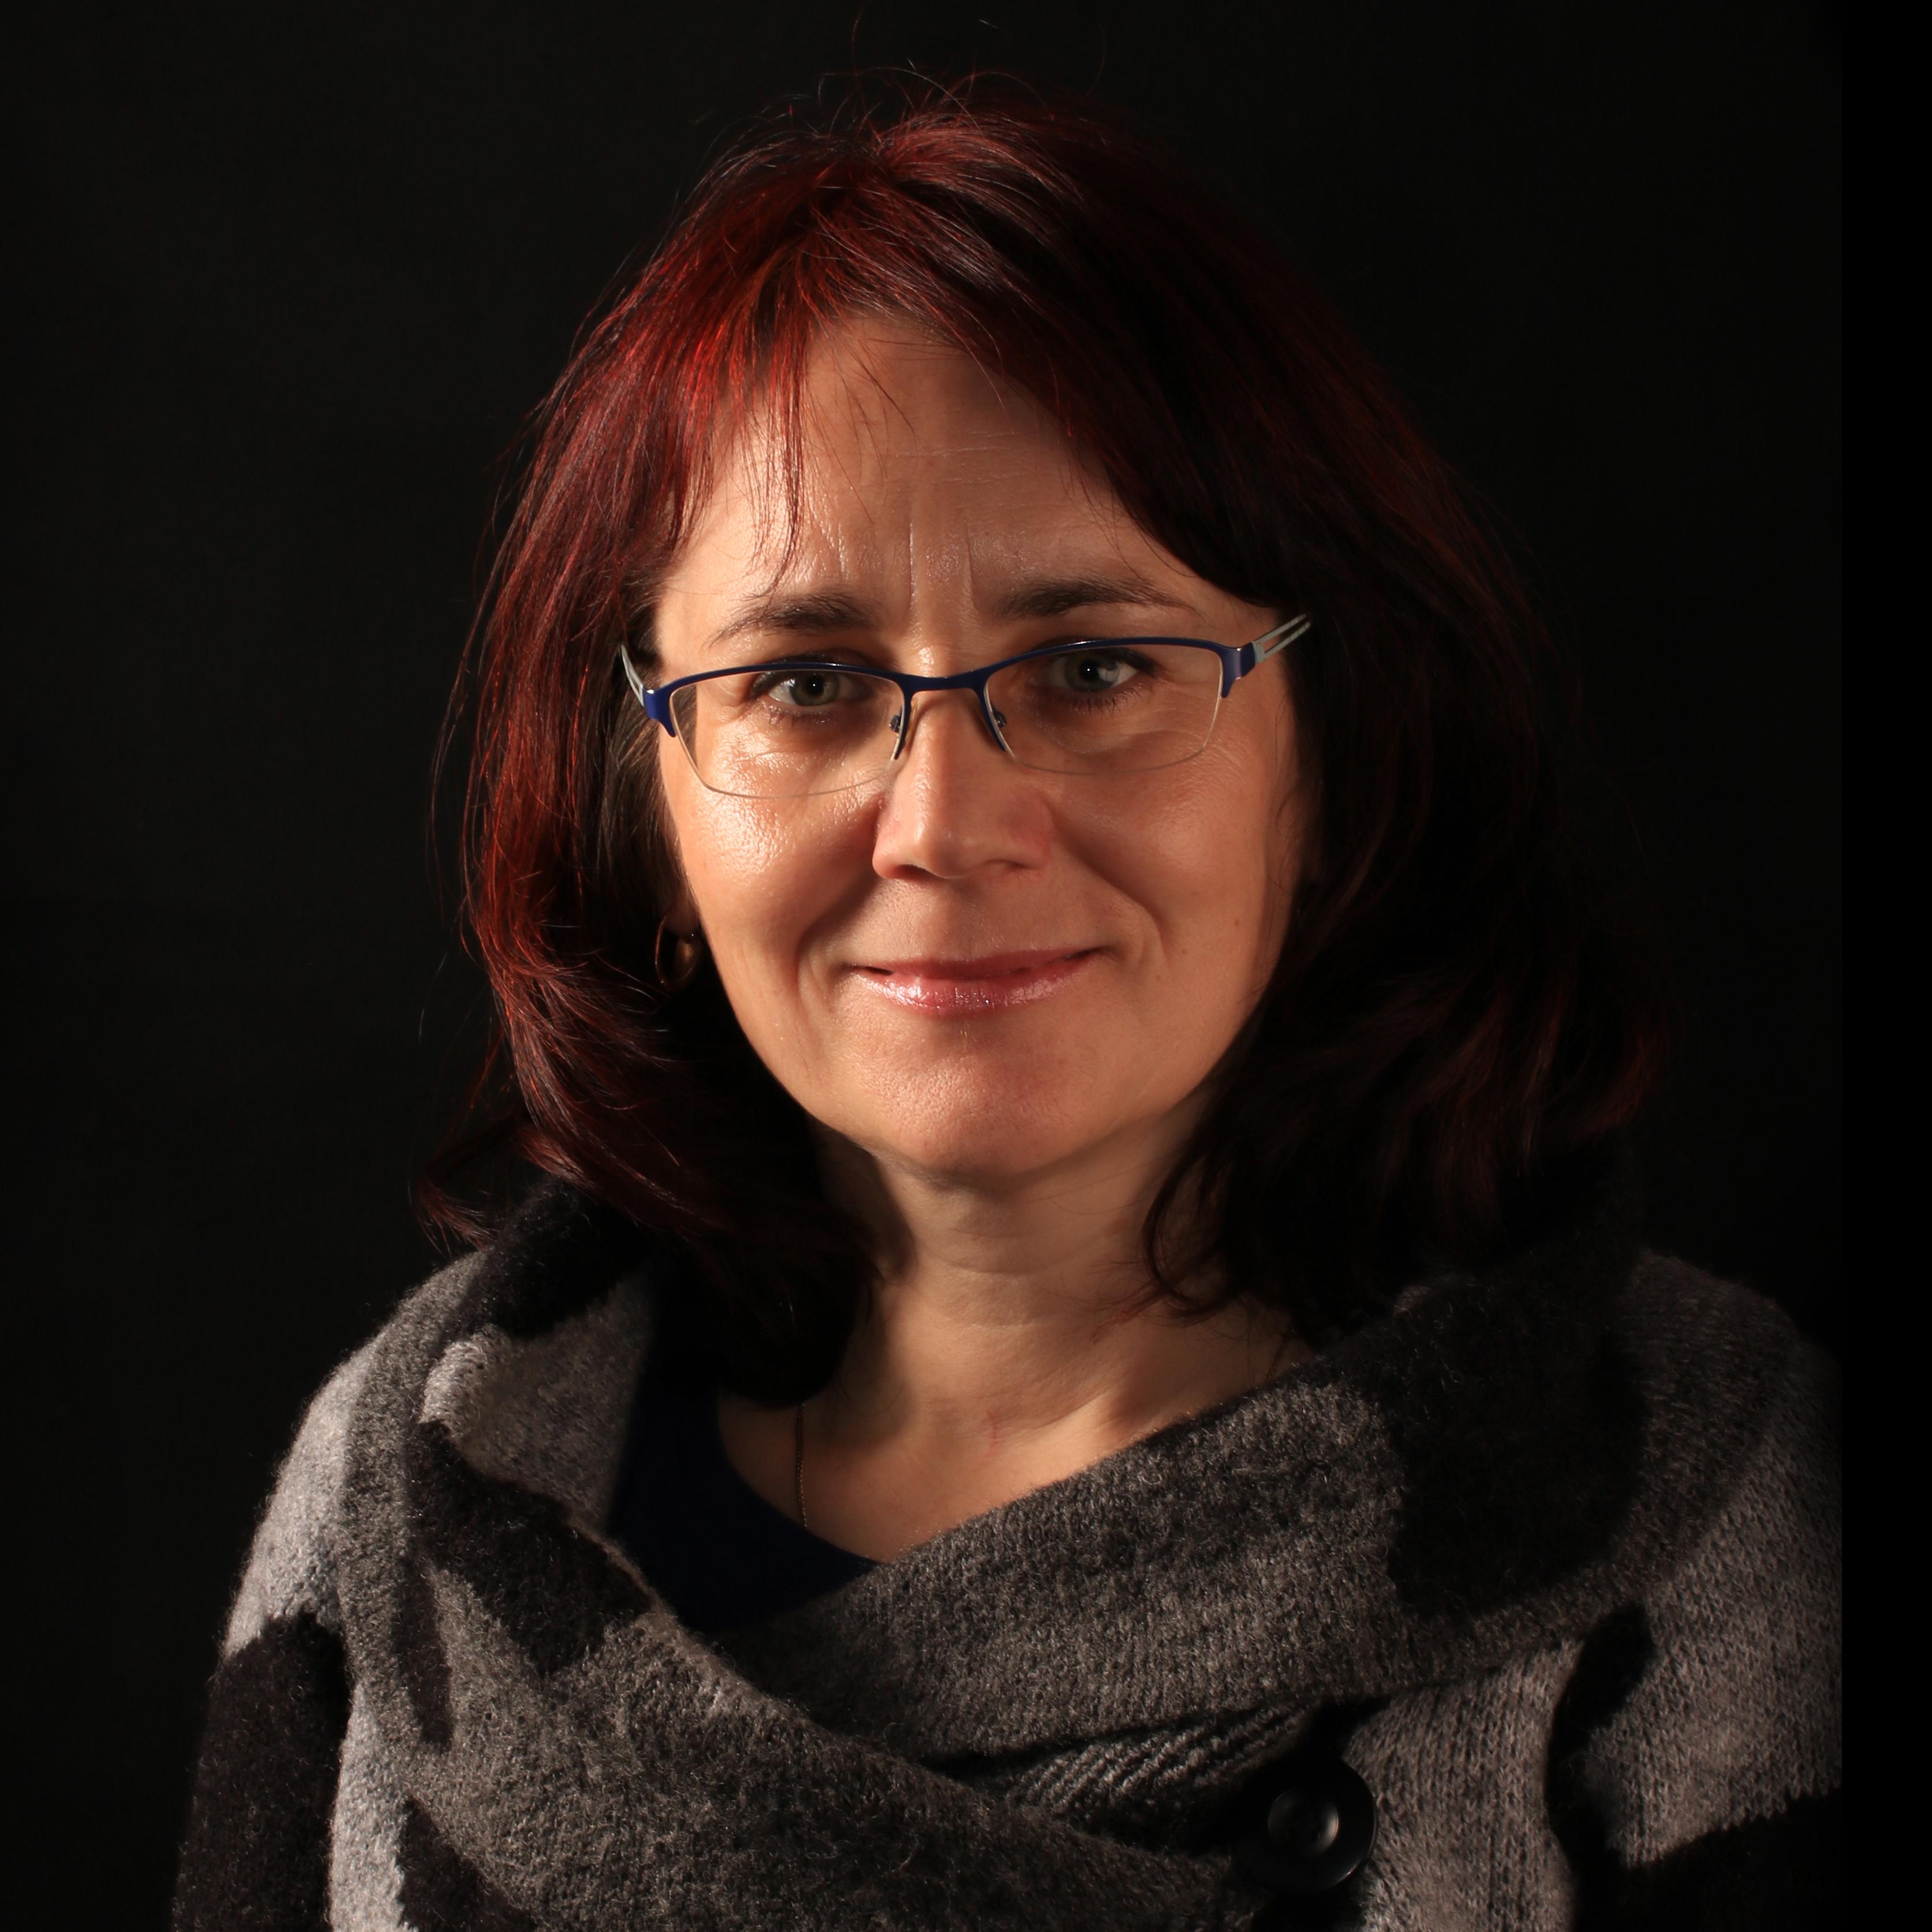 Dorota Podgórska